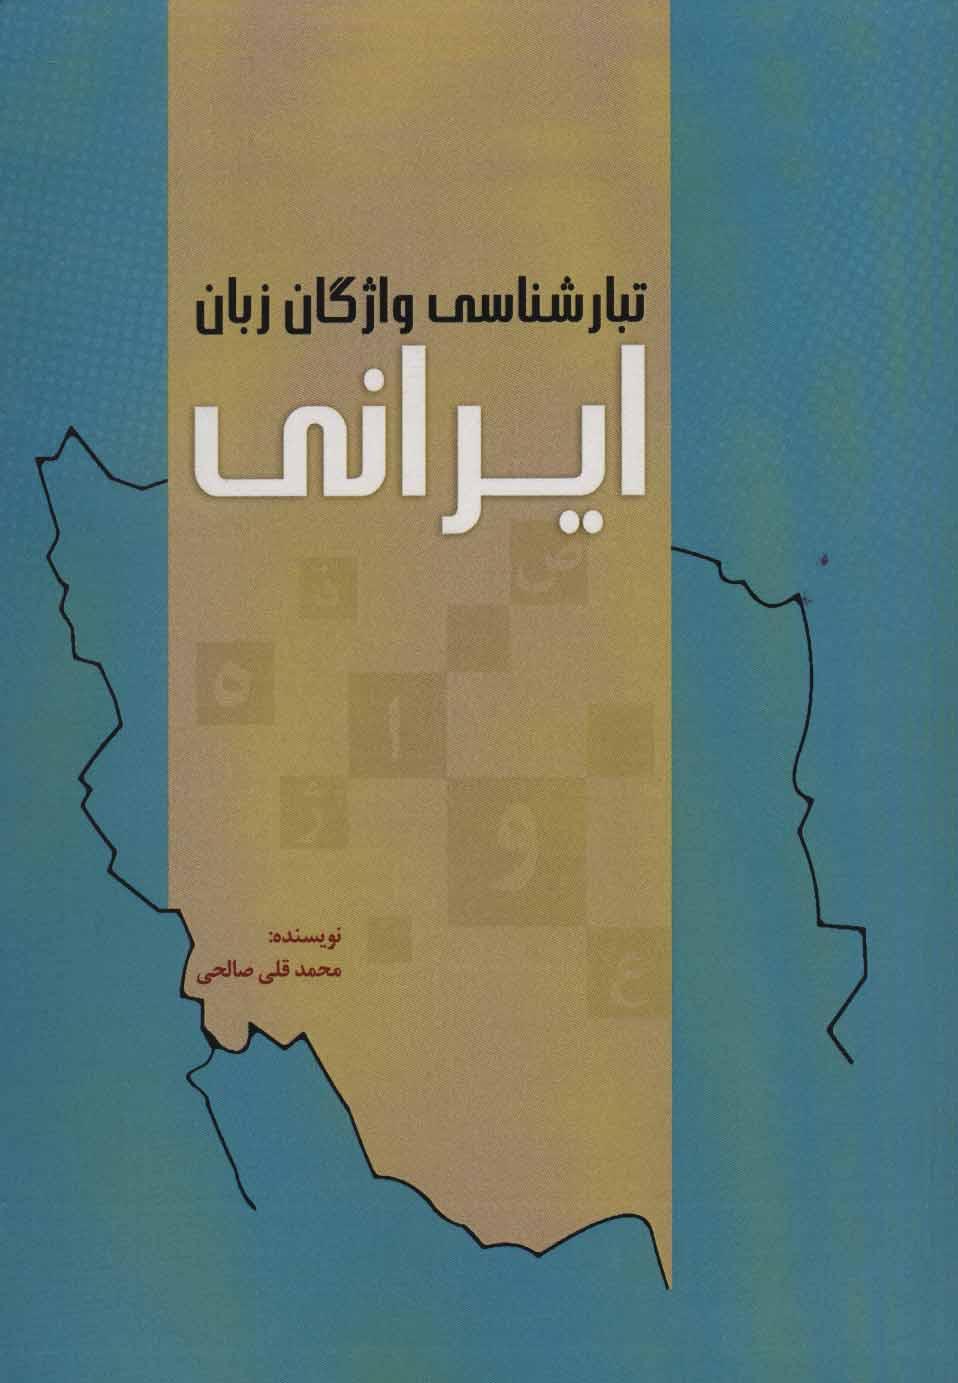 کتاب تبارشناسی واژگان زبان ایرانی